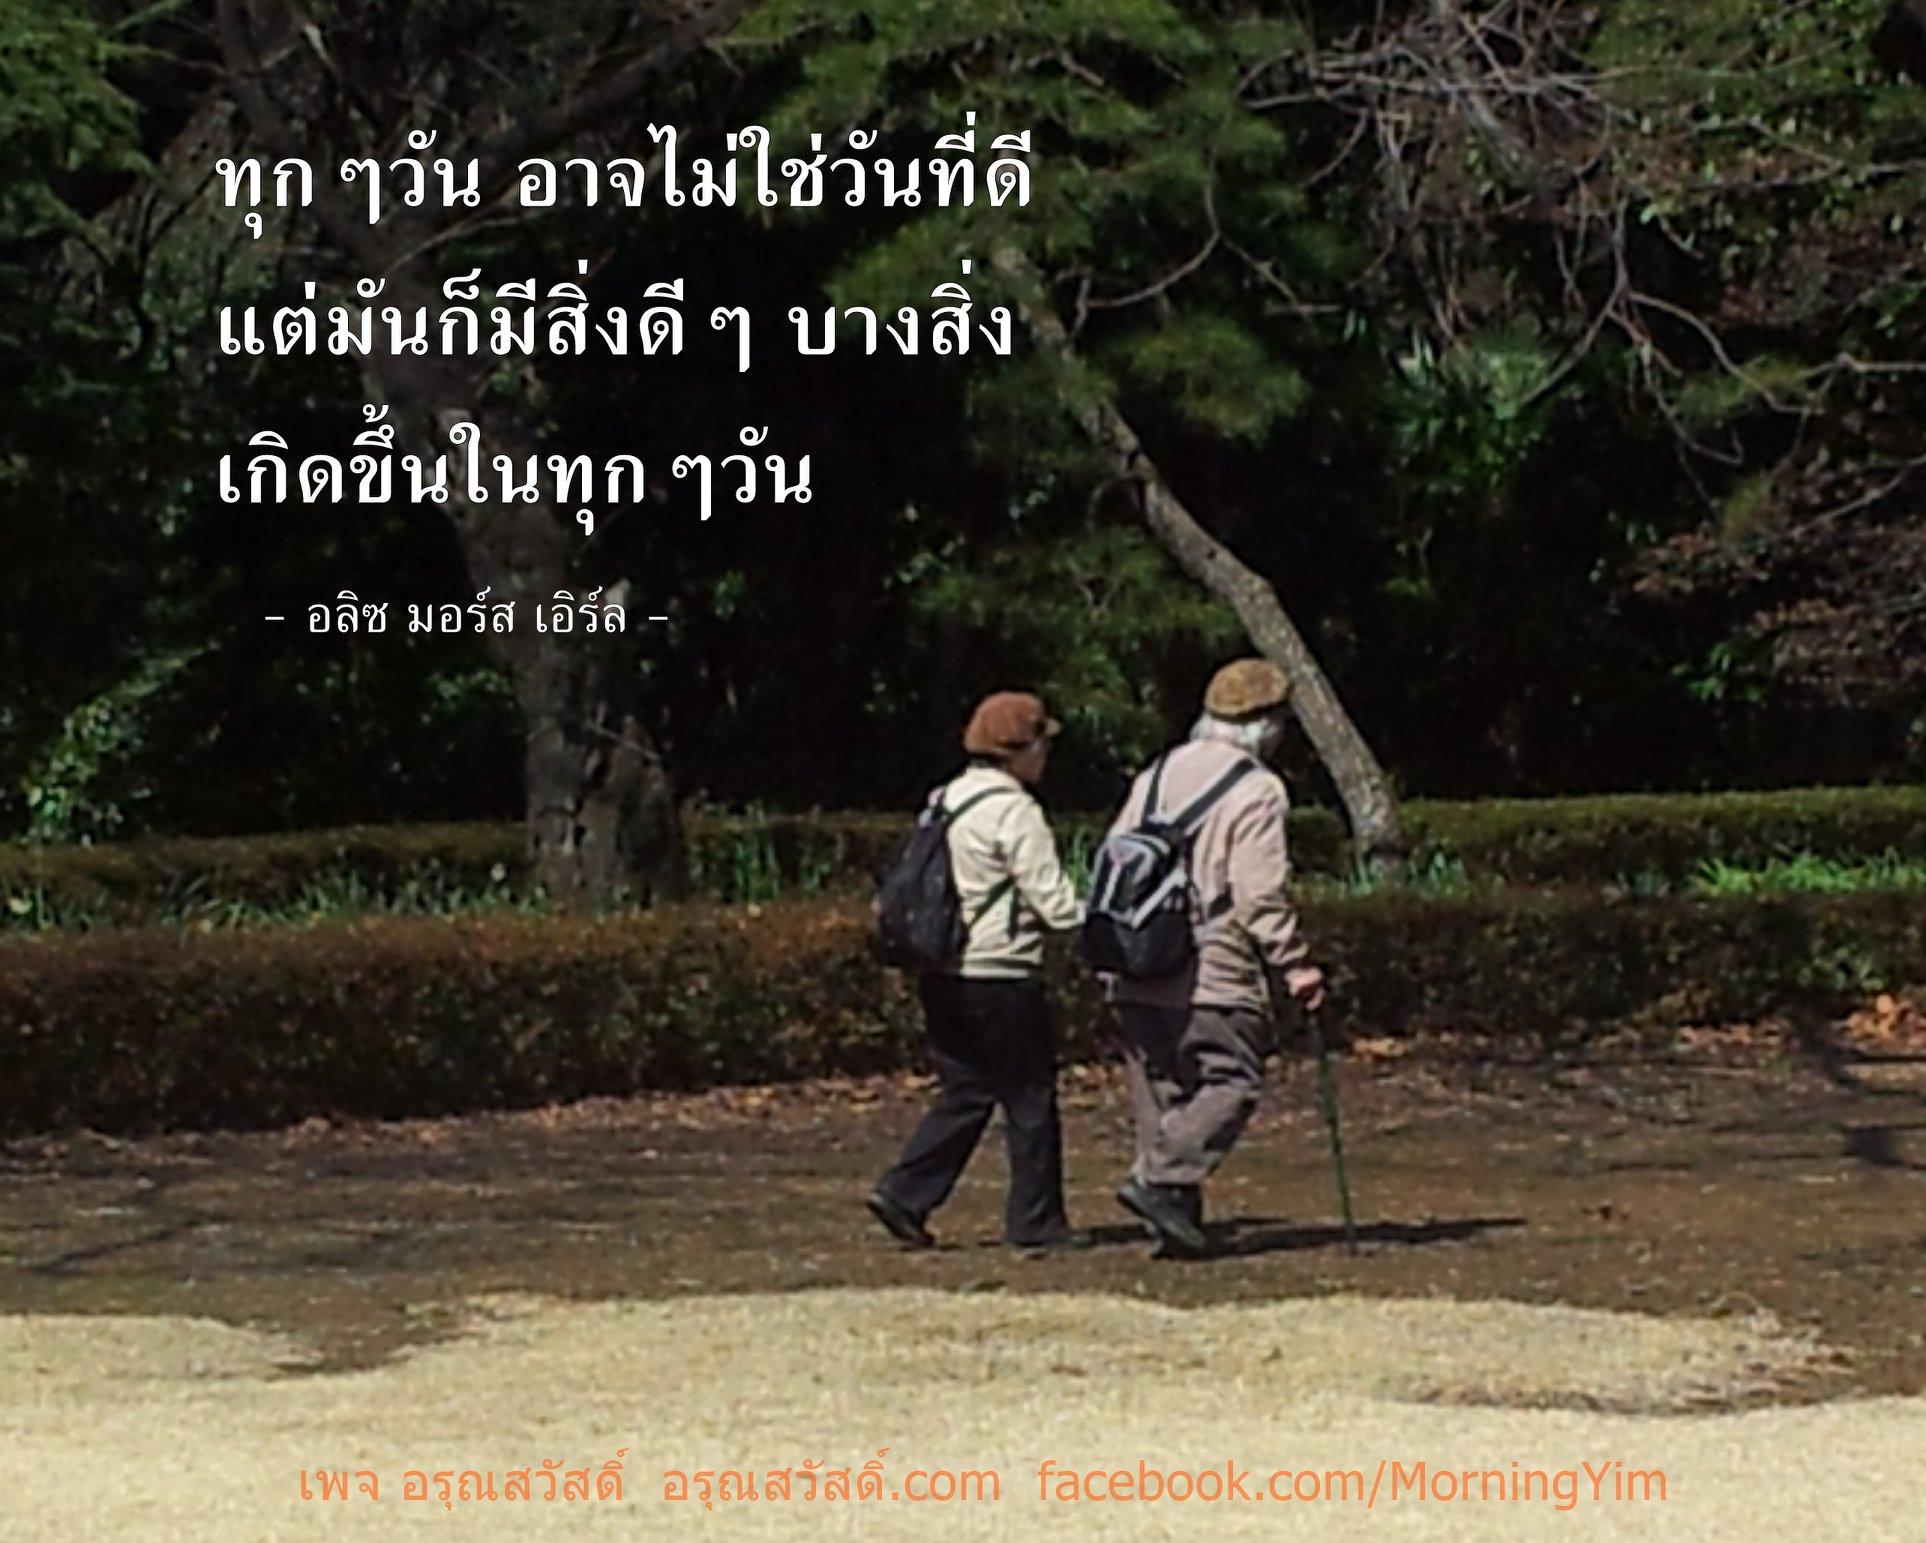 คำคม ชีวิต ความรัก กำลังใจ